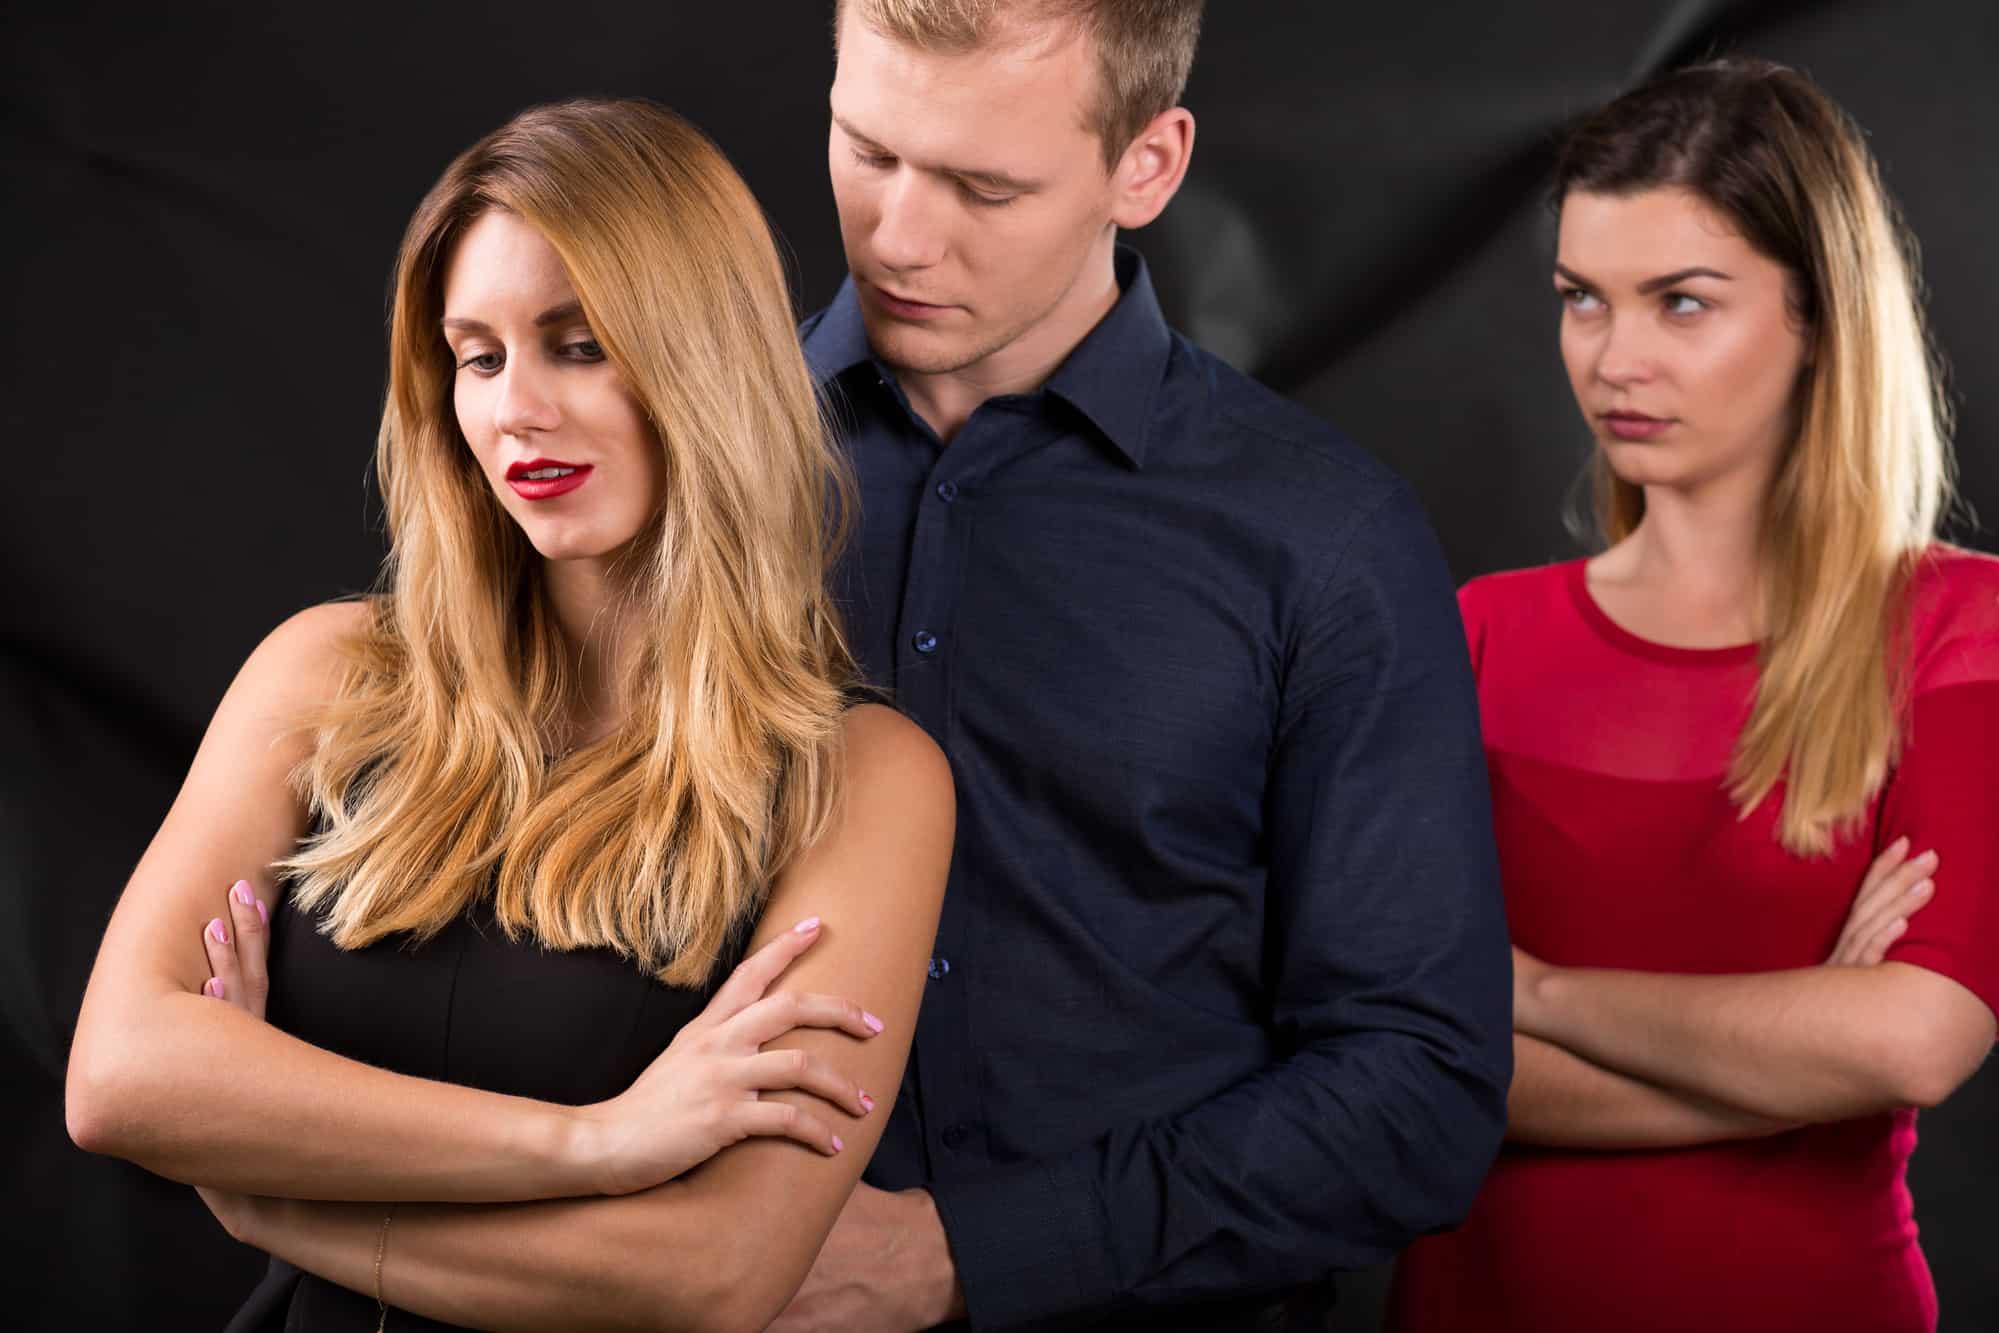 20 Smartest Ways To Destroy Your Husbands Mistress